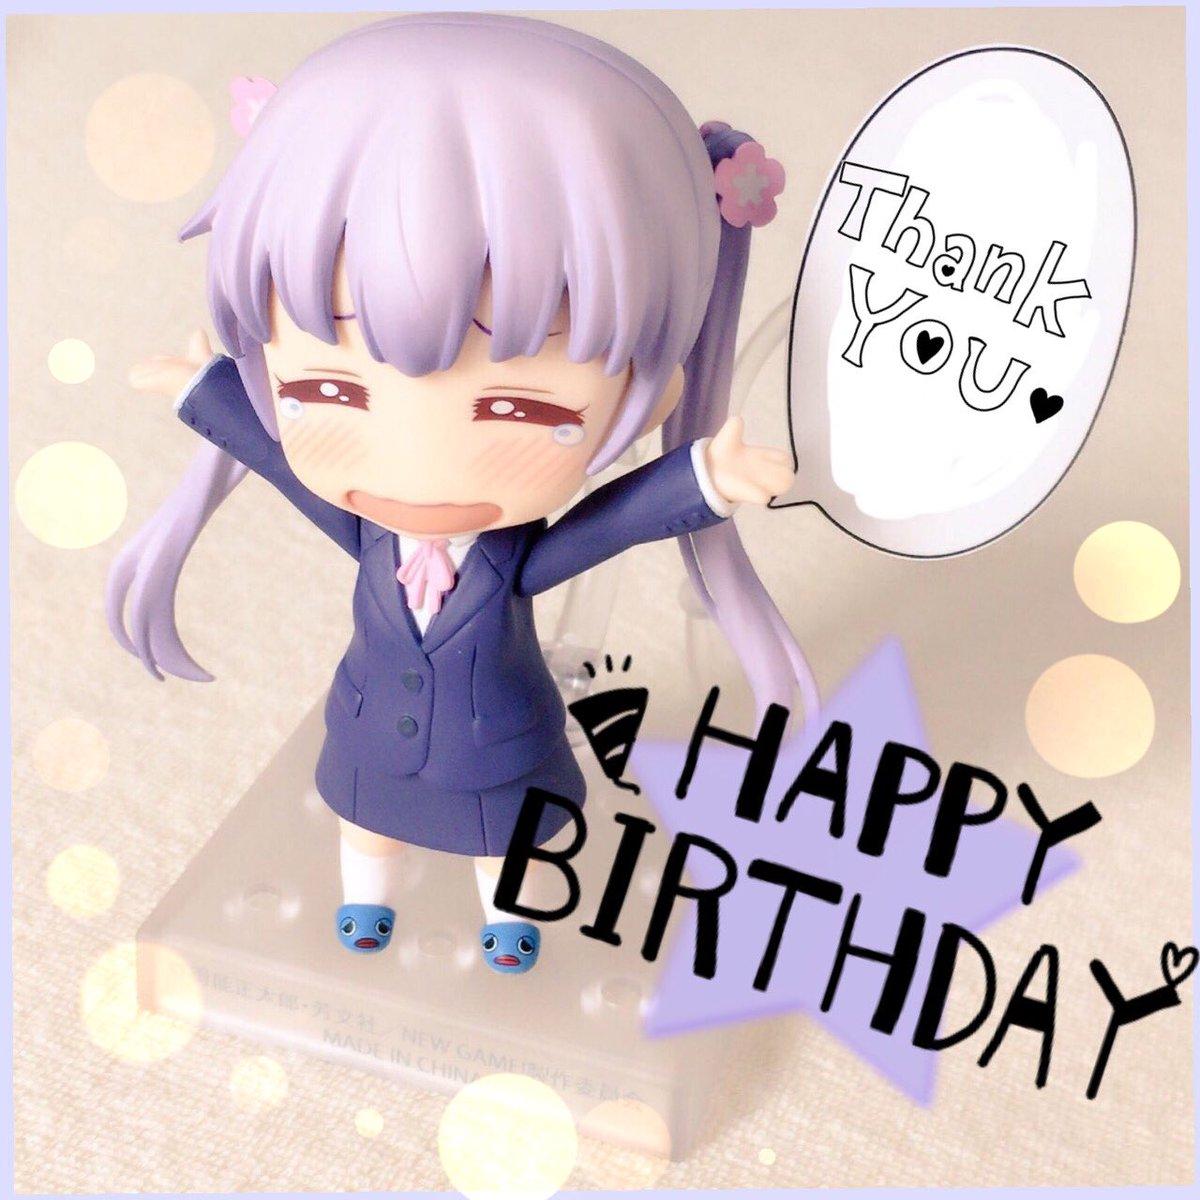 2月2日!涼風青葉ちゃん!お誕生日おめでとうっっっ!何事にもいつも真っ直ぐに一生懸命頑張る青葉ちゃん…